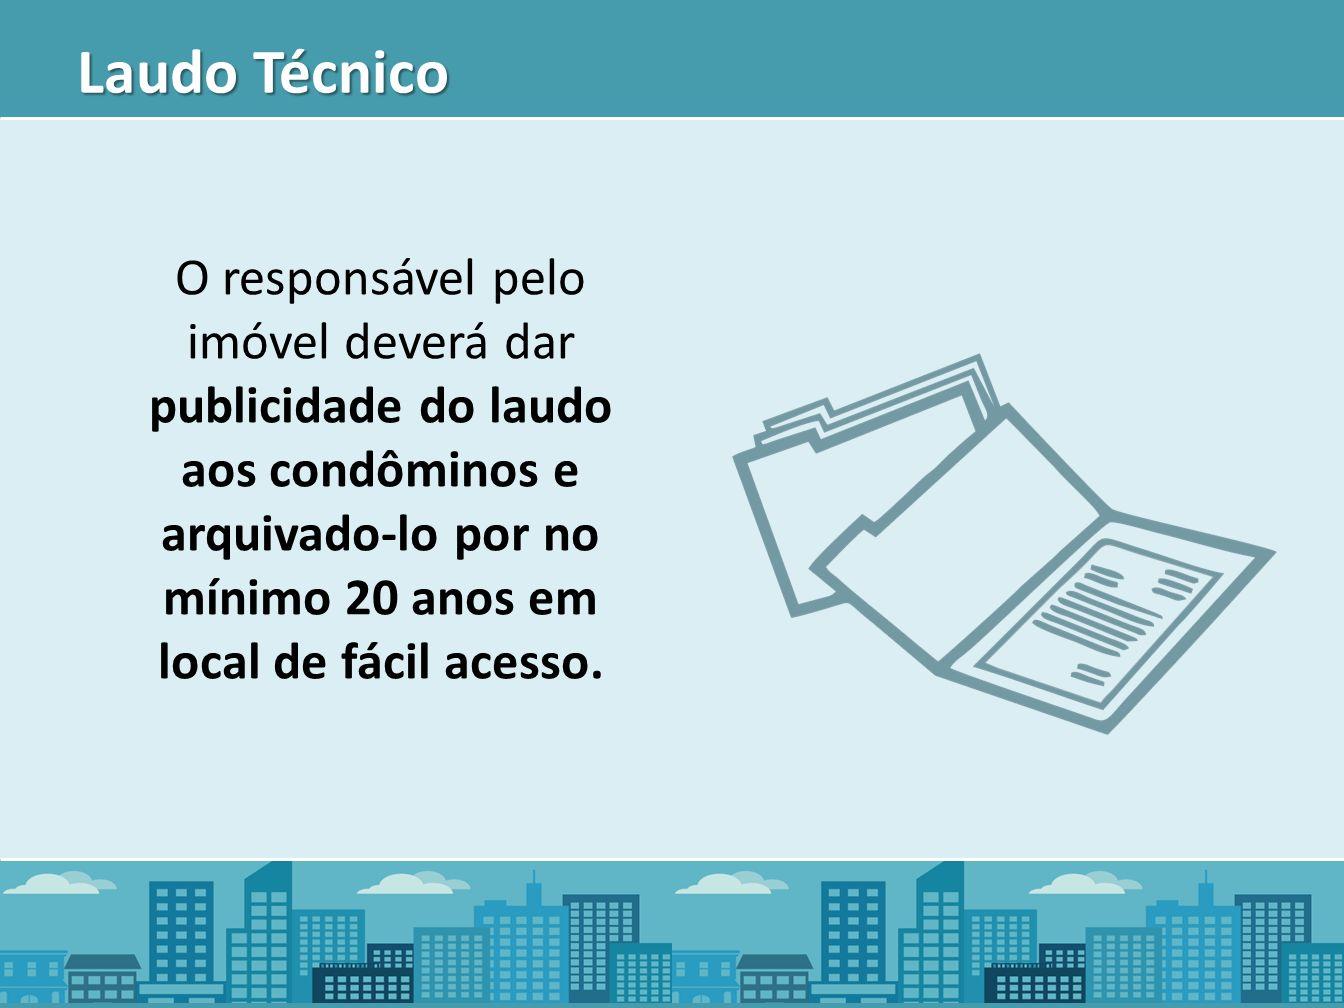 Laudo Técnico O responsável pelo imóvel deverá dar publicidade do laudo aos condôminos e arquivado-lo por no mínimo 20 anos em local de fácil acesso.